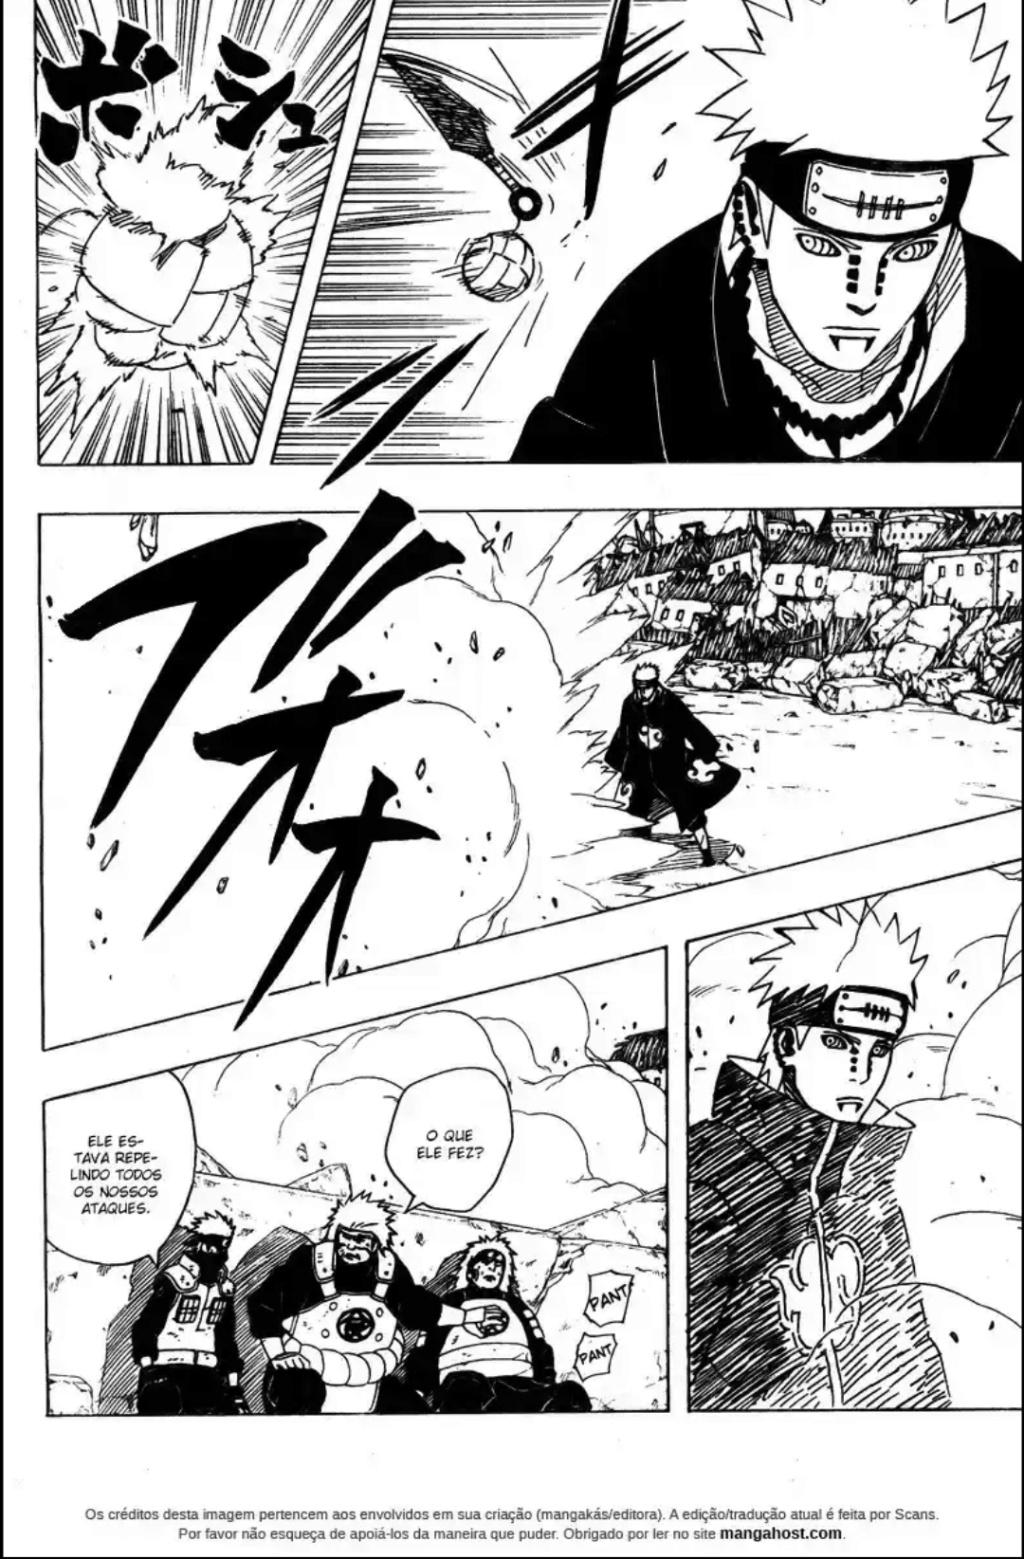 O nível de cada personagem de acordo com o ponto de vista dos fãs - Página 3 Img_2142